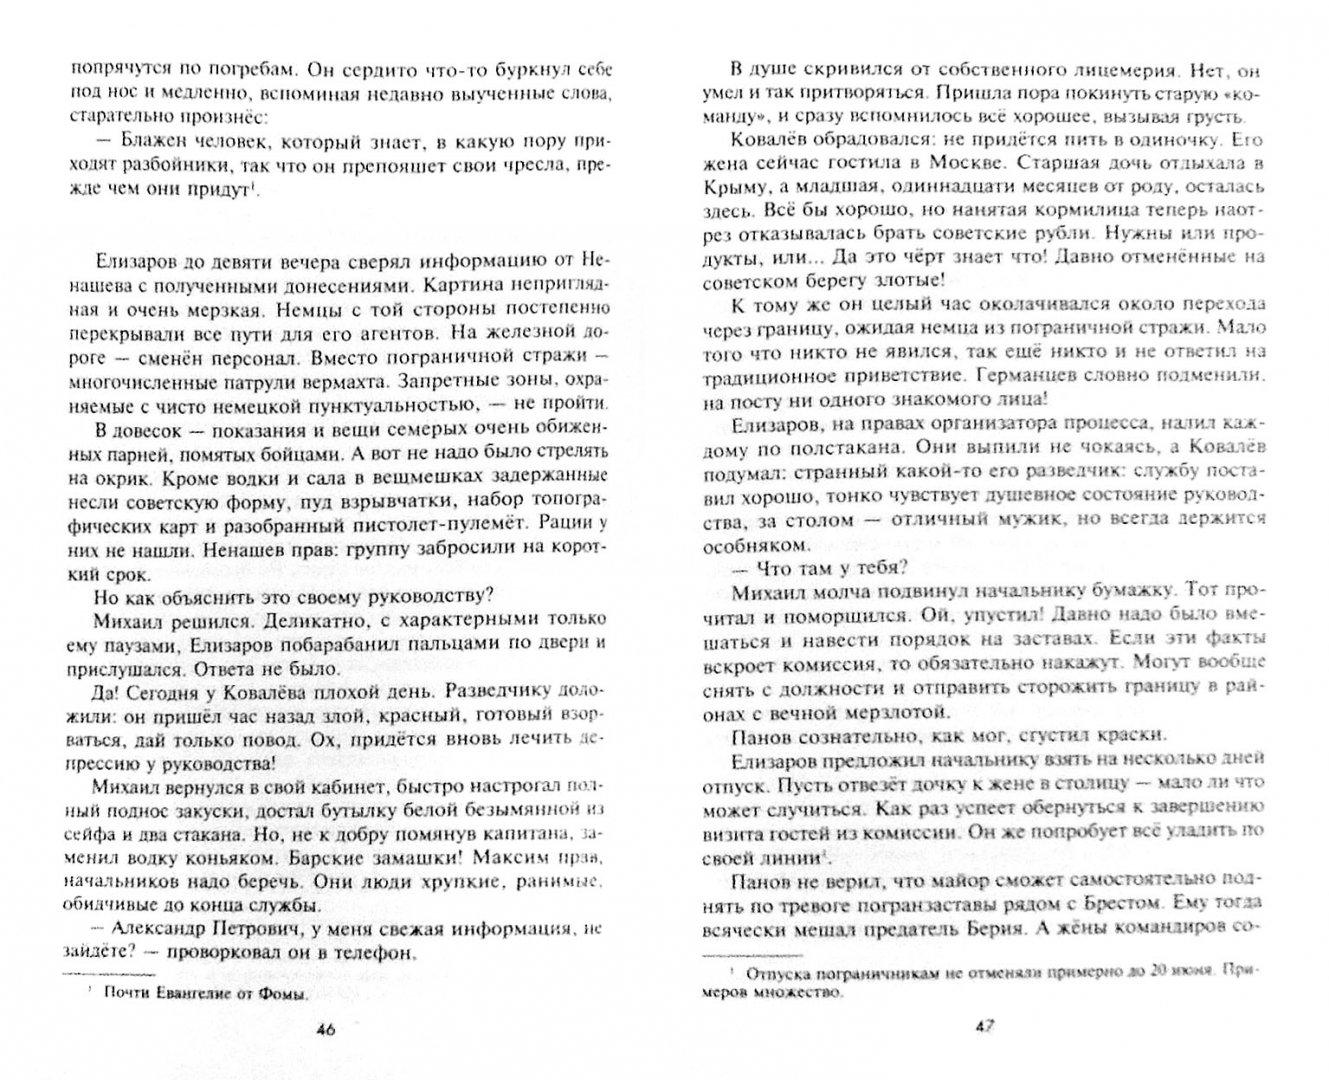 Иллюстрация 1 из 5 для Герой не нашего времени. Эпизод II - Дмитрий Полковников   Лабиринт - книги. Источник: Лабиринт